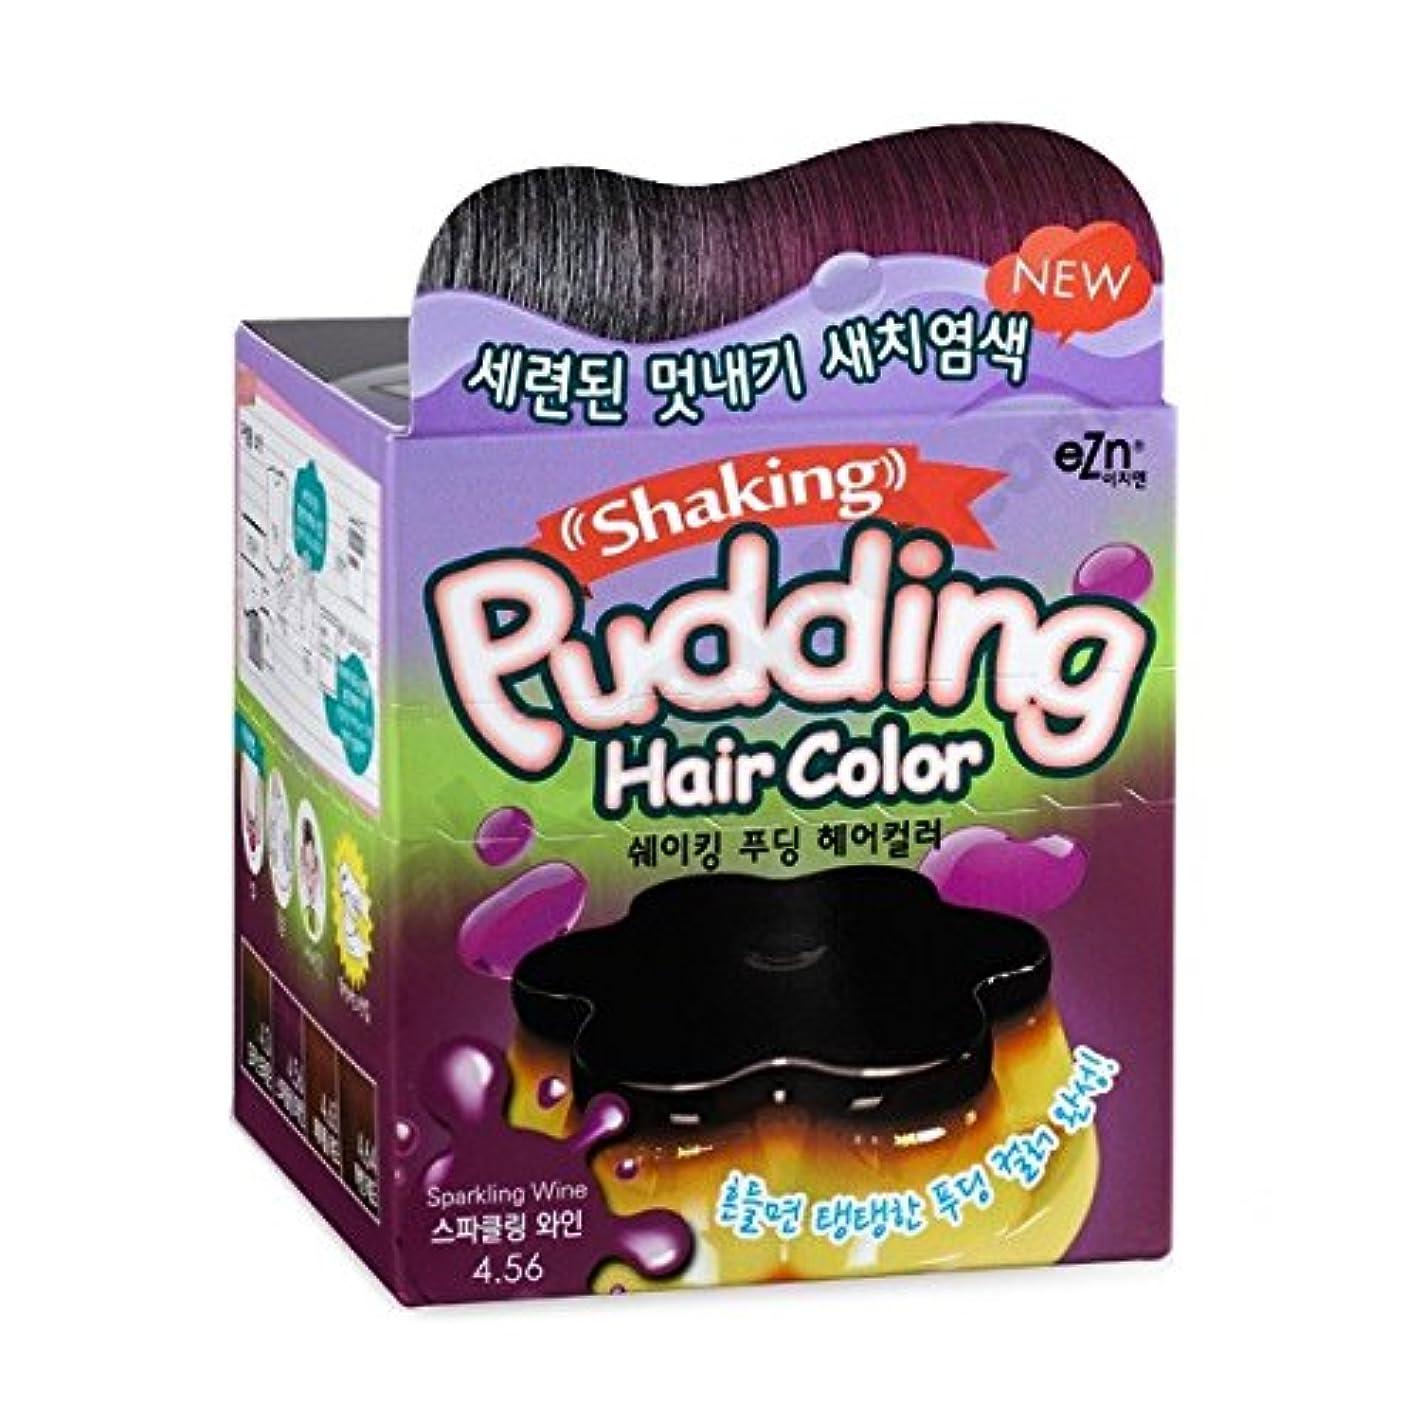 ふりをする不明瞭突破口KOREA NO.1 毛染め(hair dyeing) shaking pudding hair color (sparkling wine) [並行輸入品]